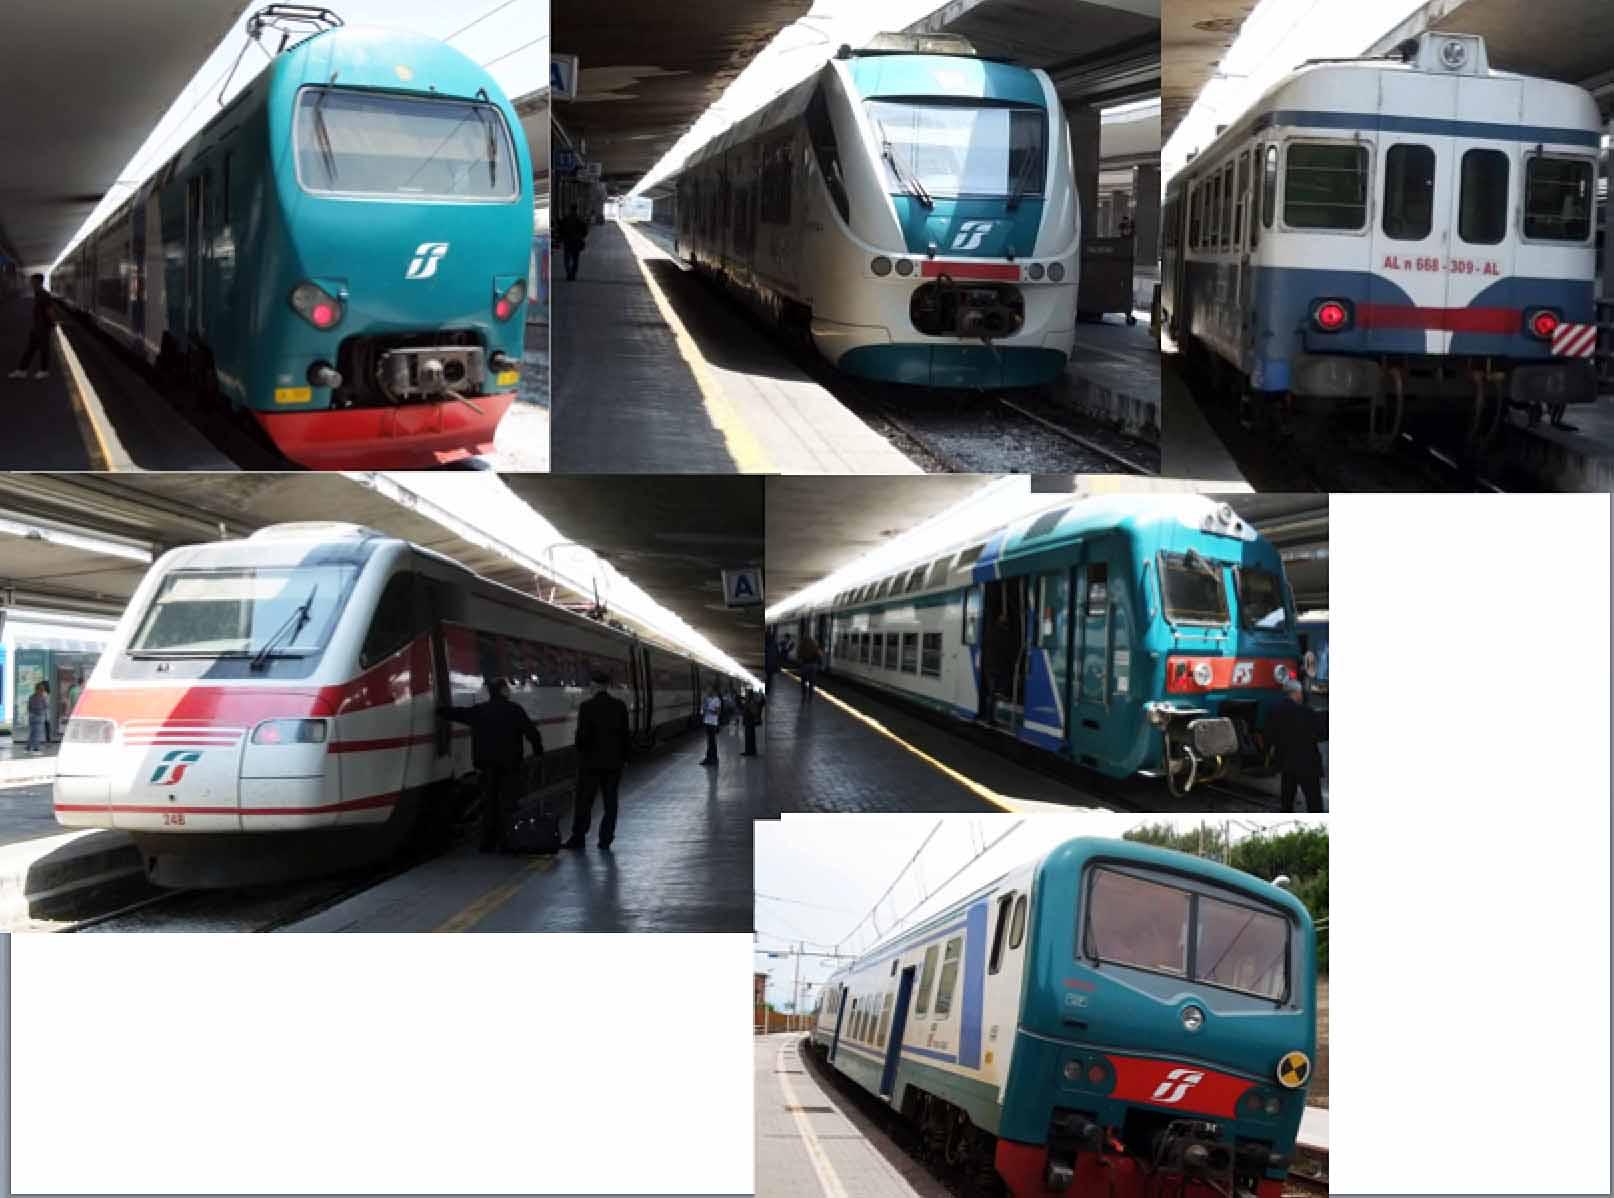 ナポリ中央駅で出会った列車たちです。